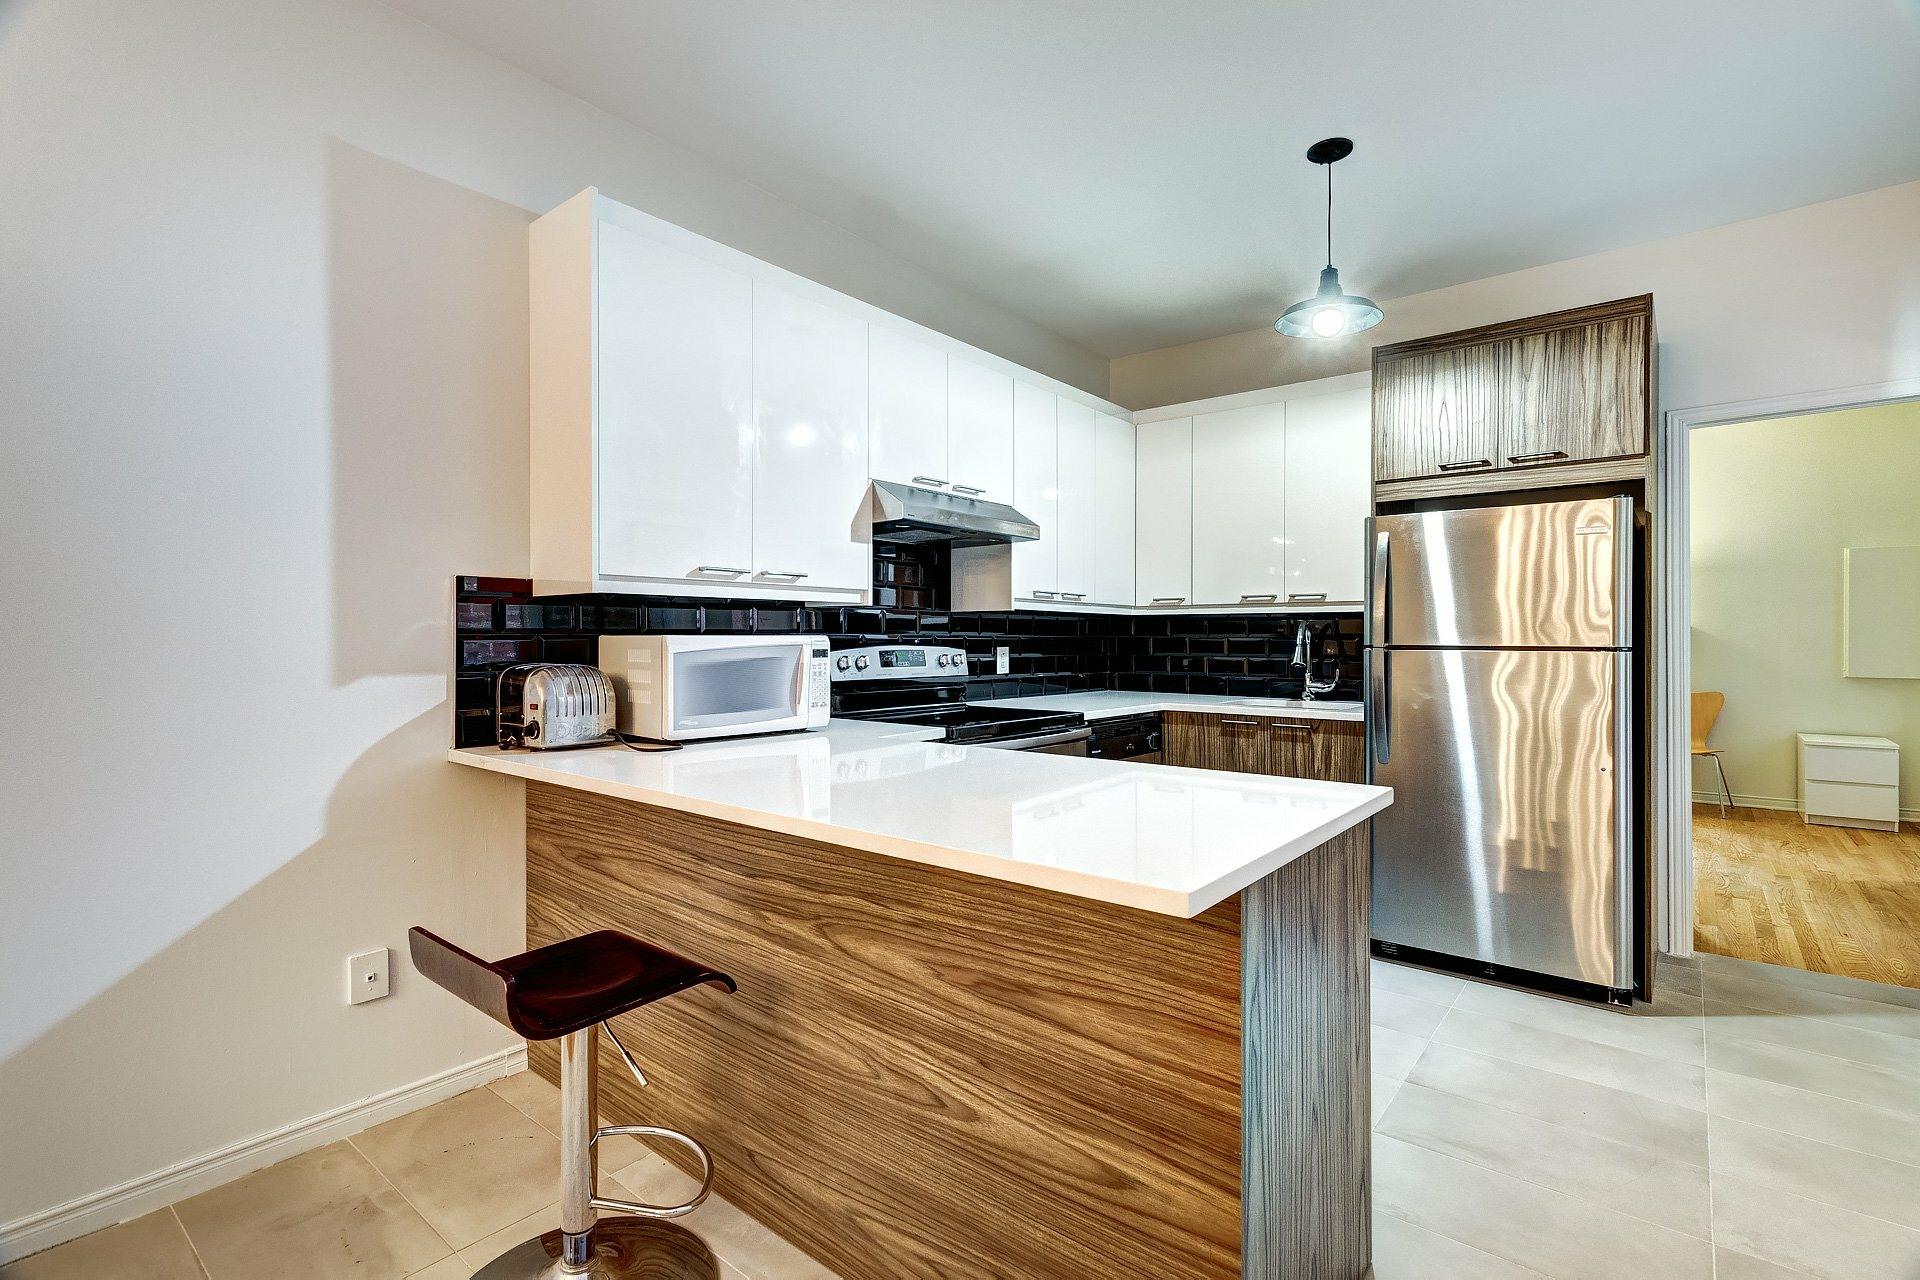 image 4 - Appartement À louer Montréal Outremont  - 5 pièces